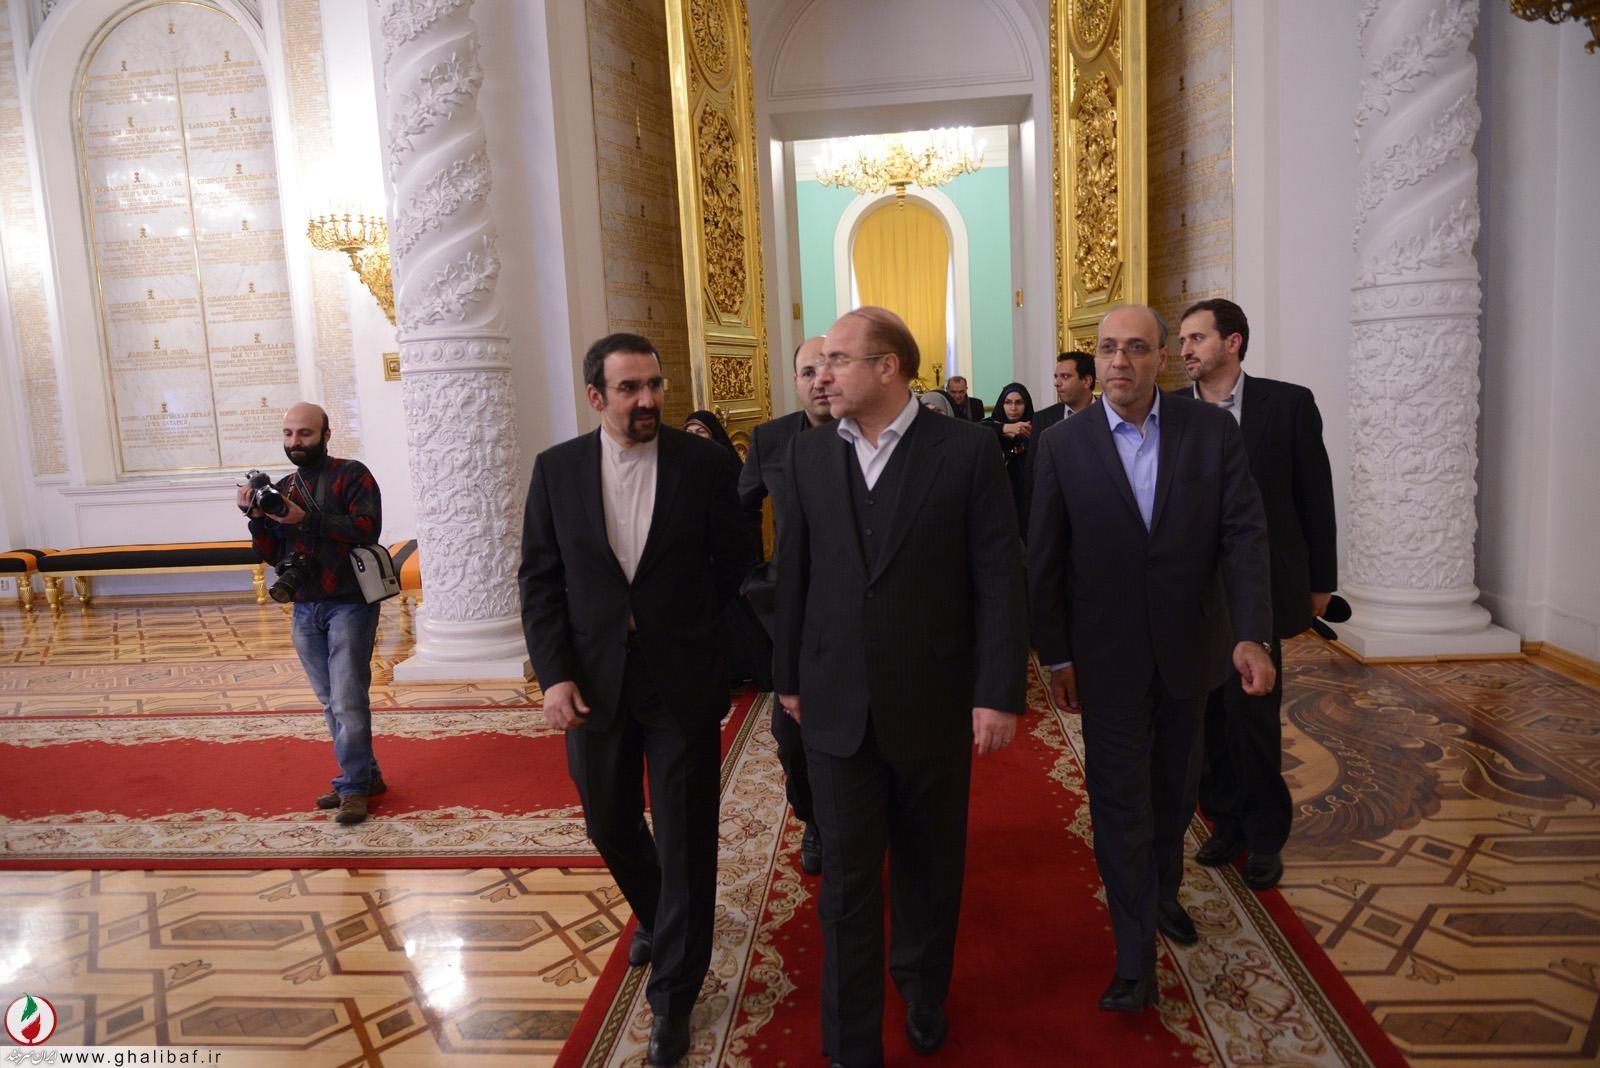 گزارش تصویری از سفر شهردار تهران به مسکو